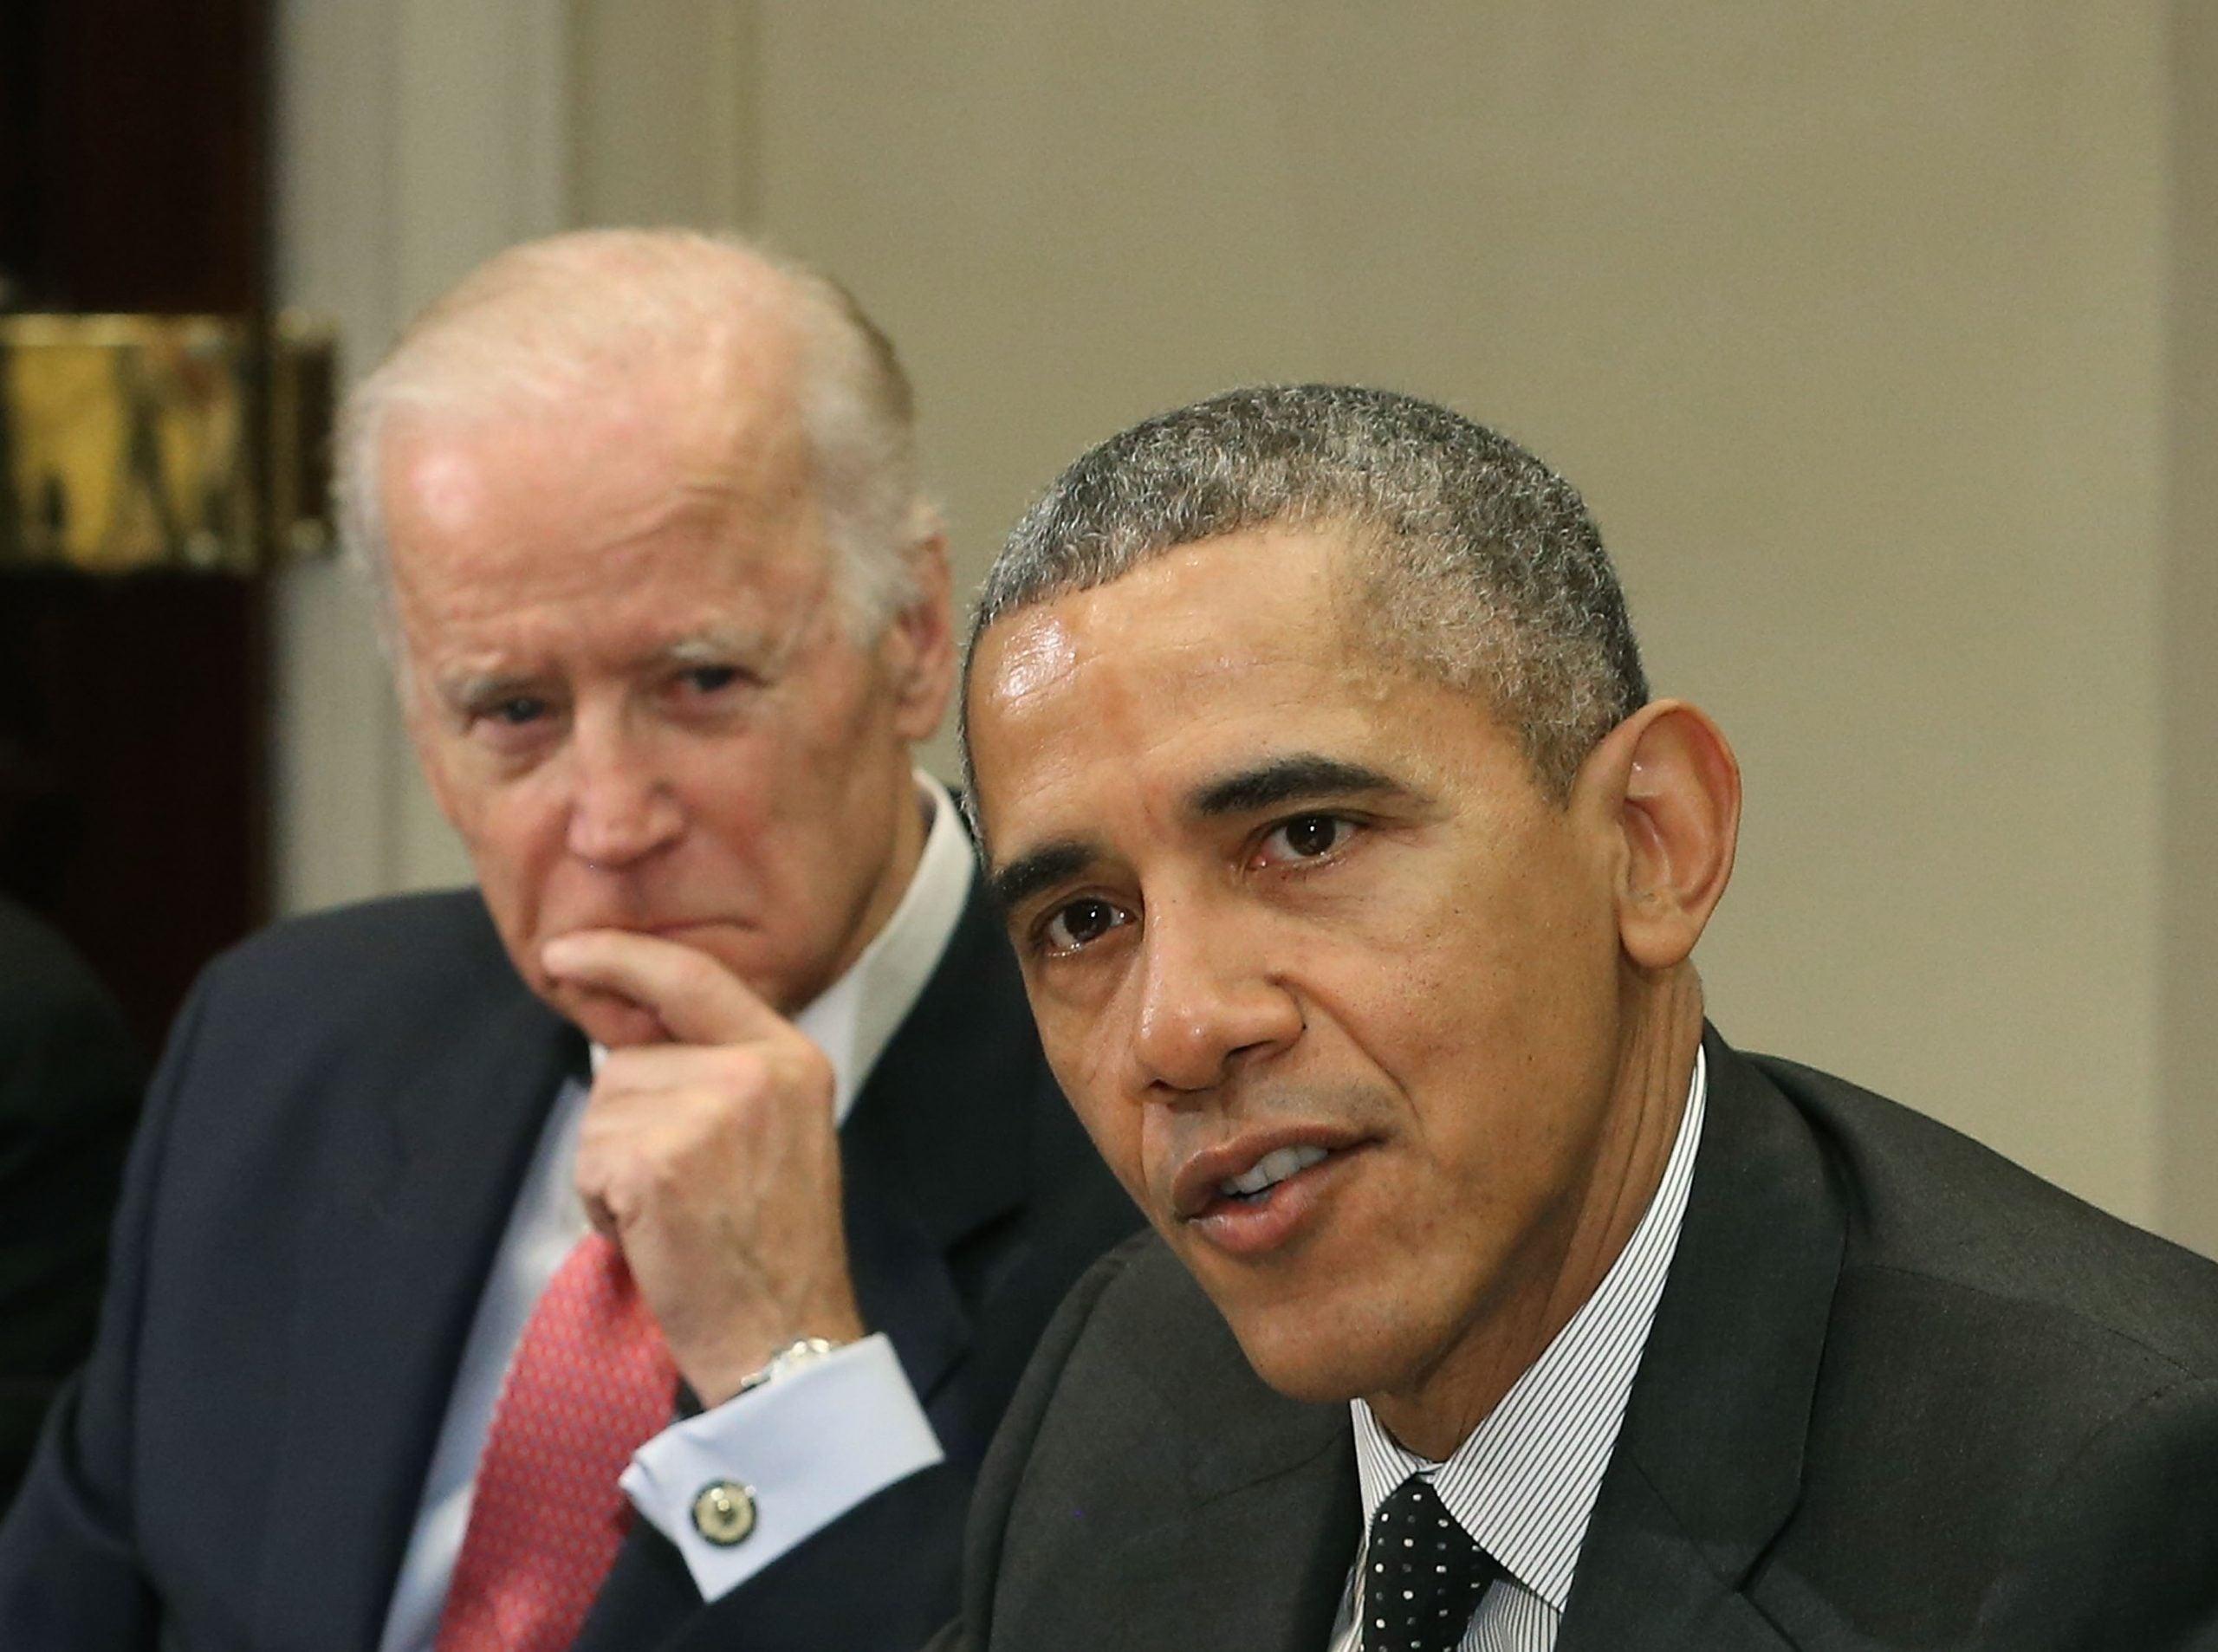 biden obama crack vs. cocaine disparities